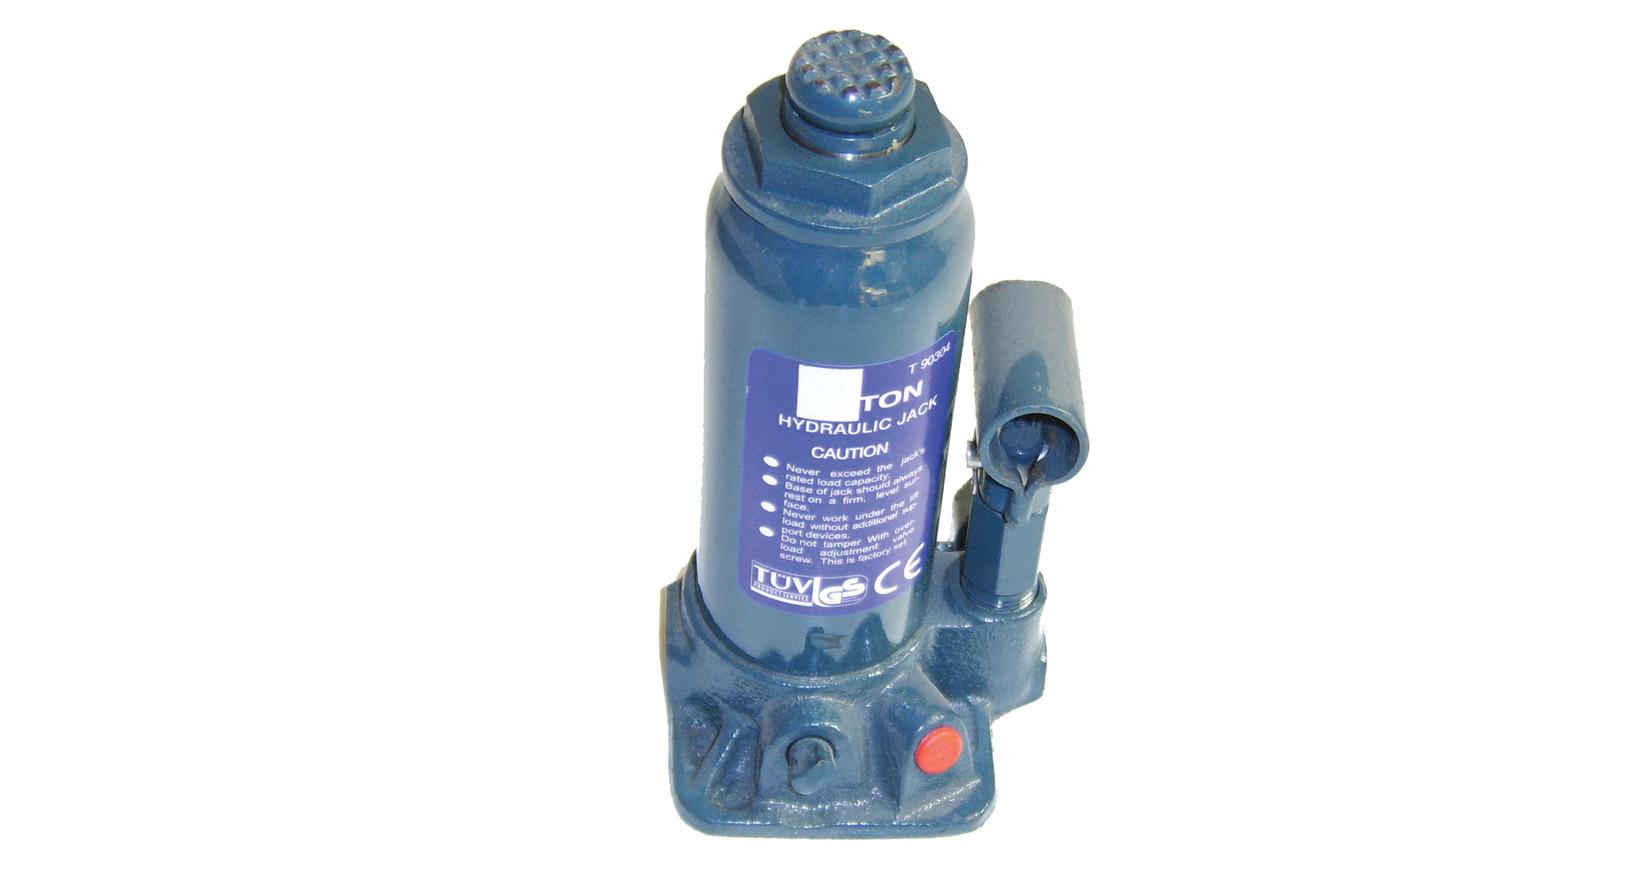 3T Bottle Jack